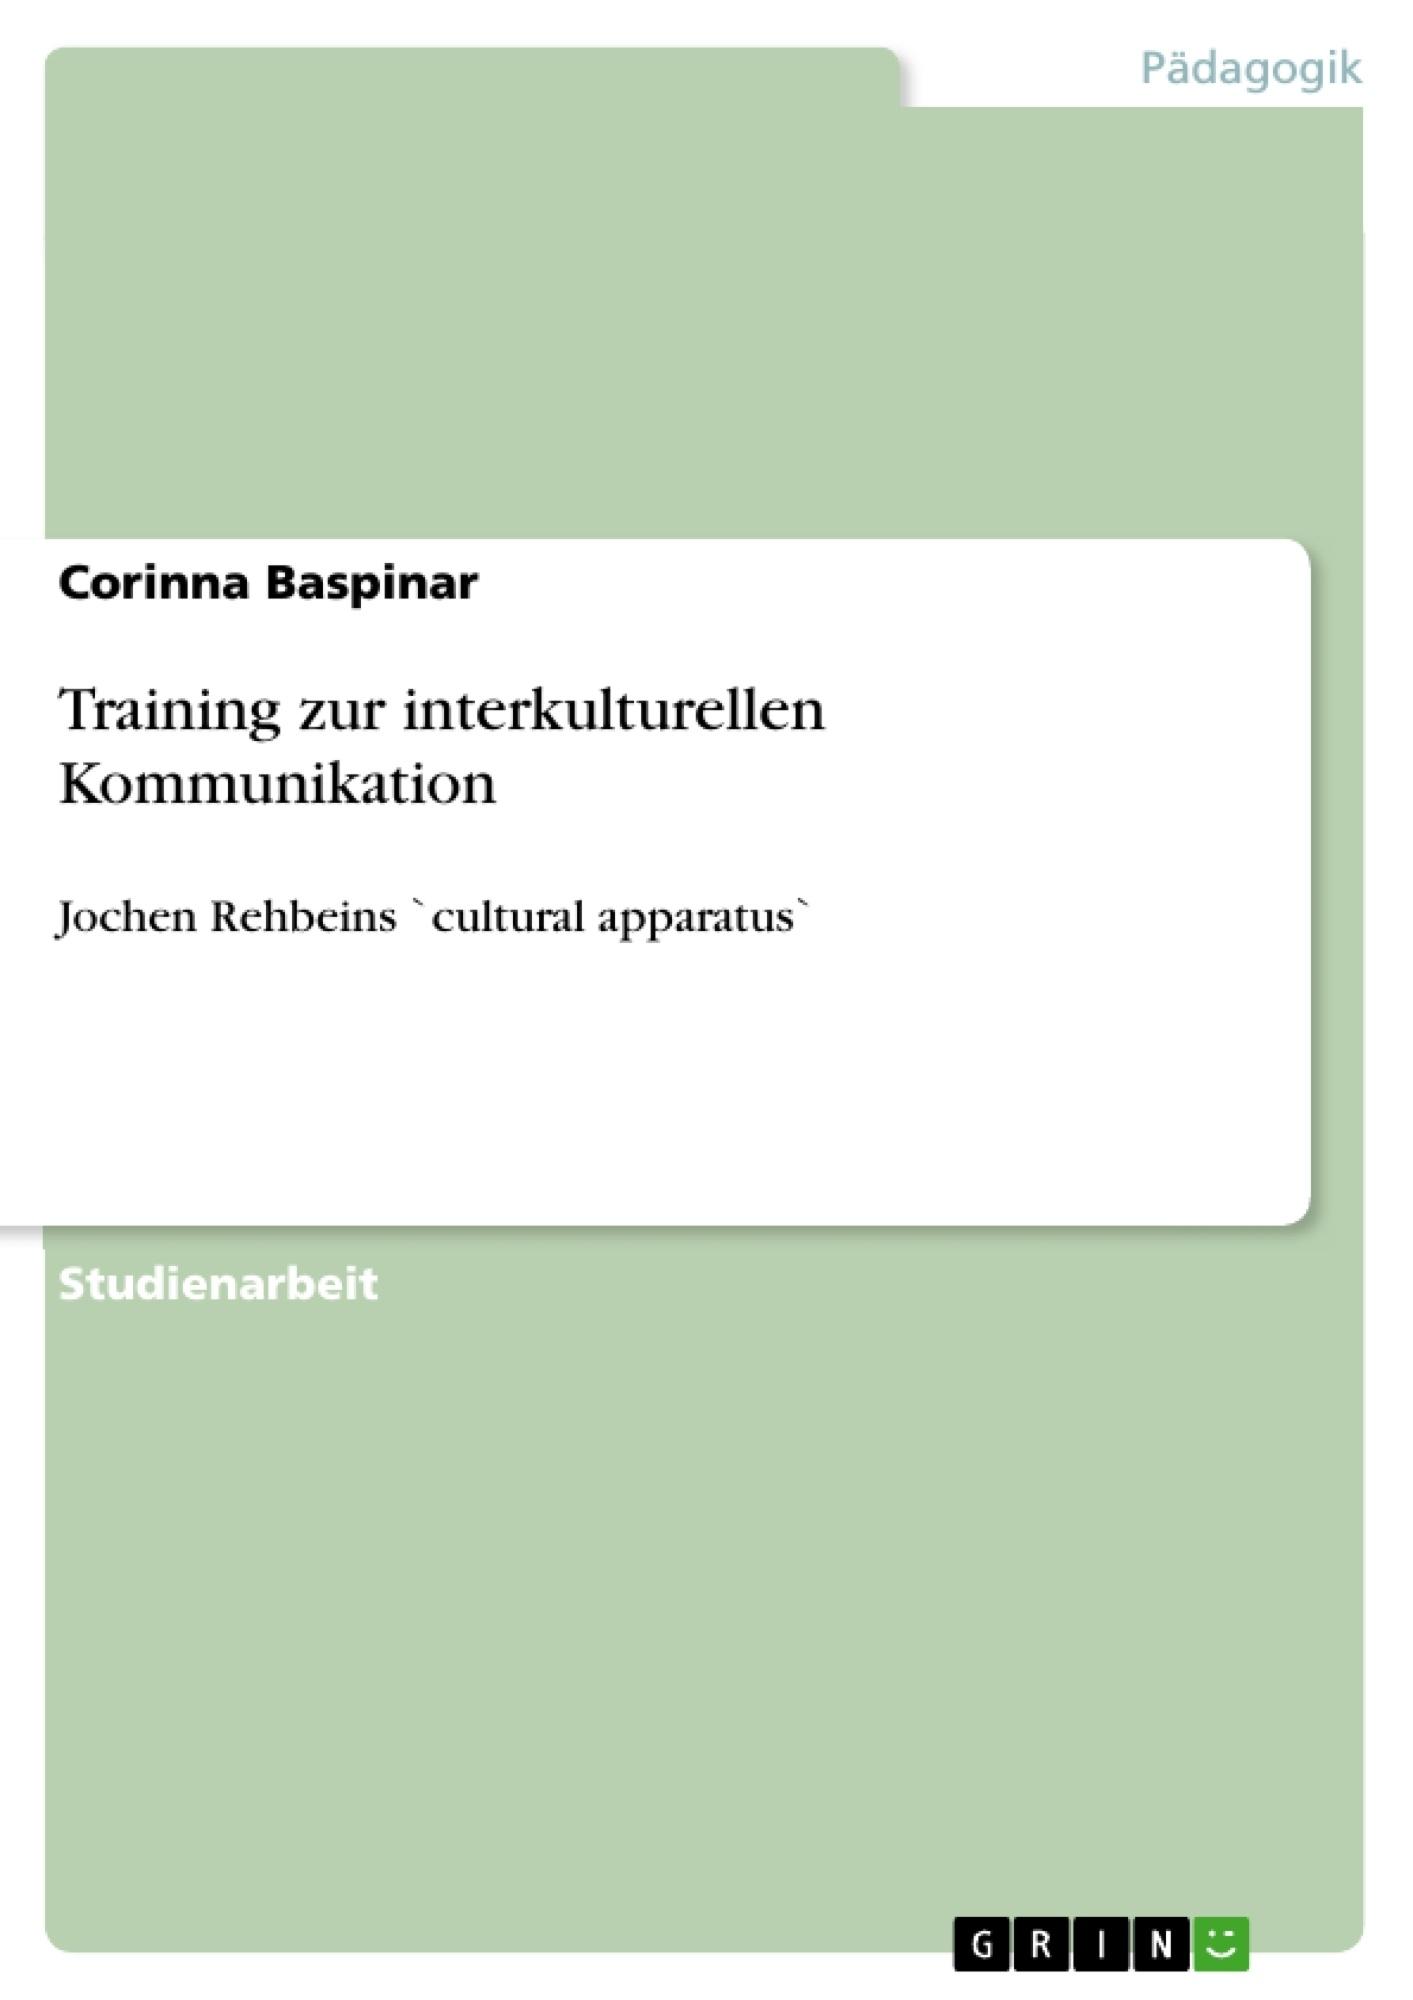 Titel: Training zur interkulturellen Kommunikation